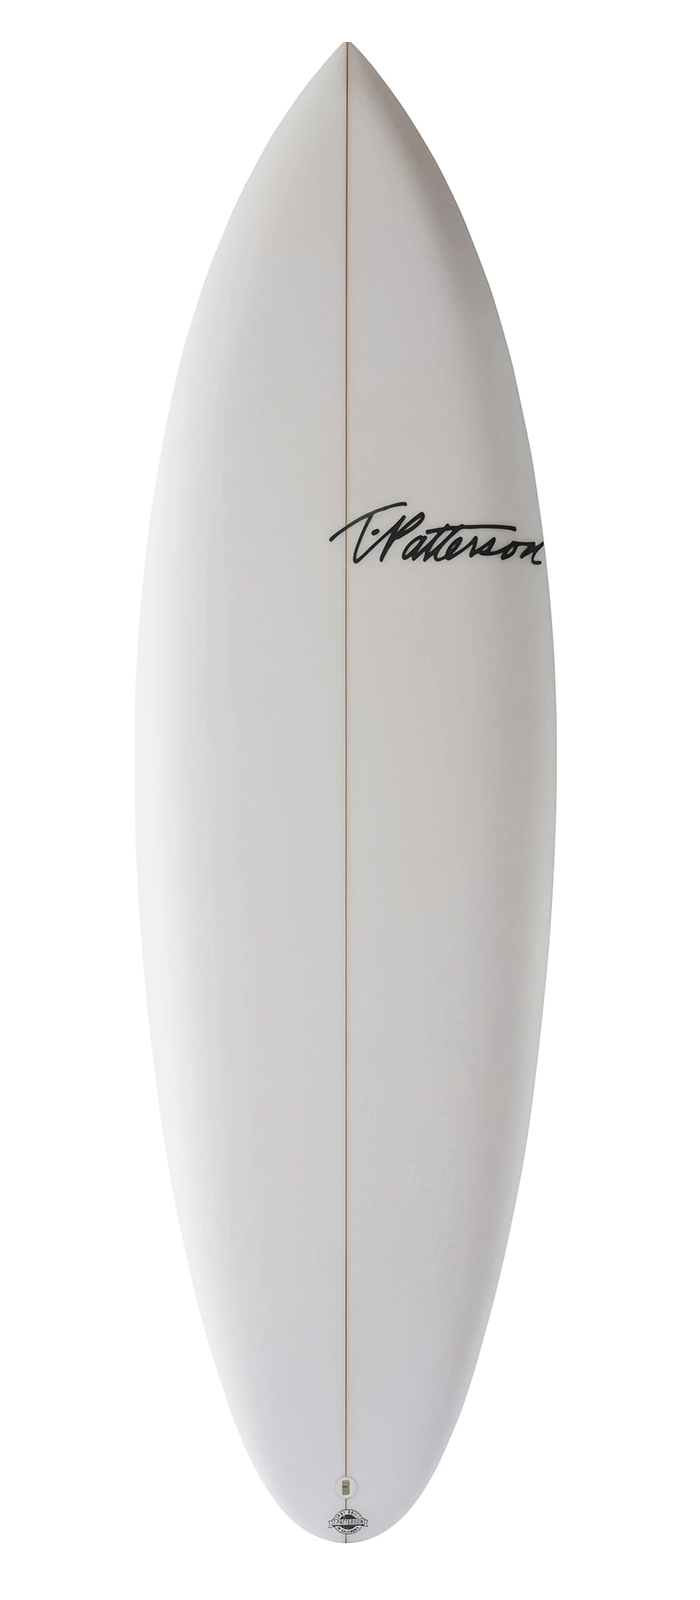 SINGLE FIN surfboard model